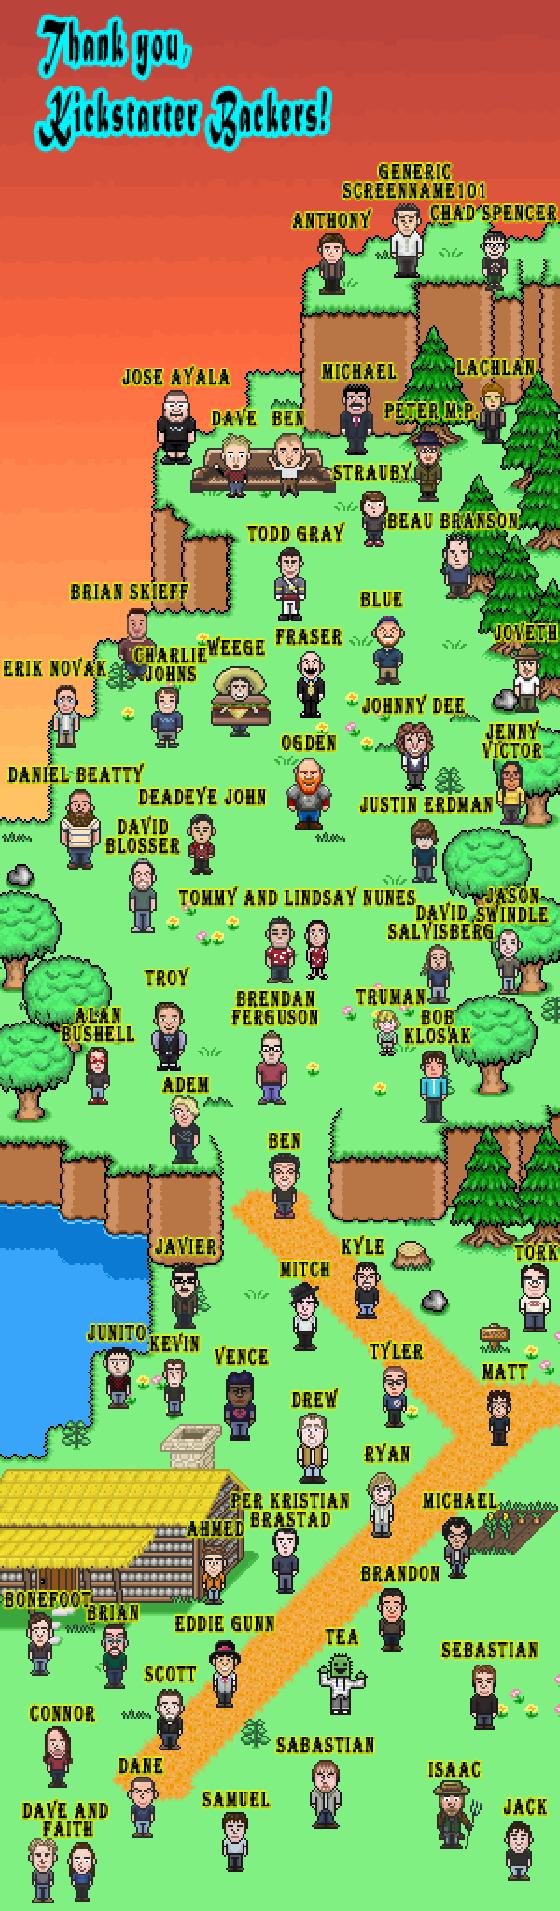 Kickstarter Hill of Fame